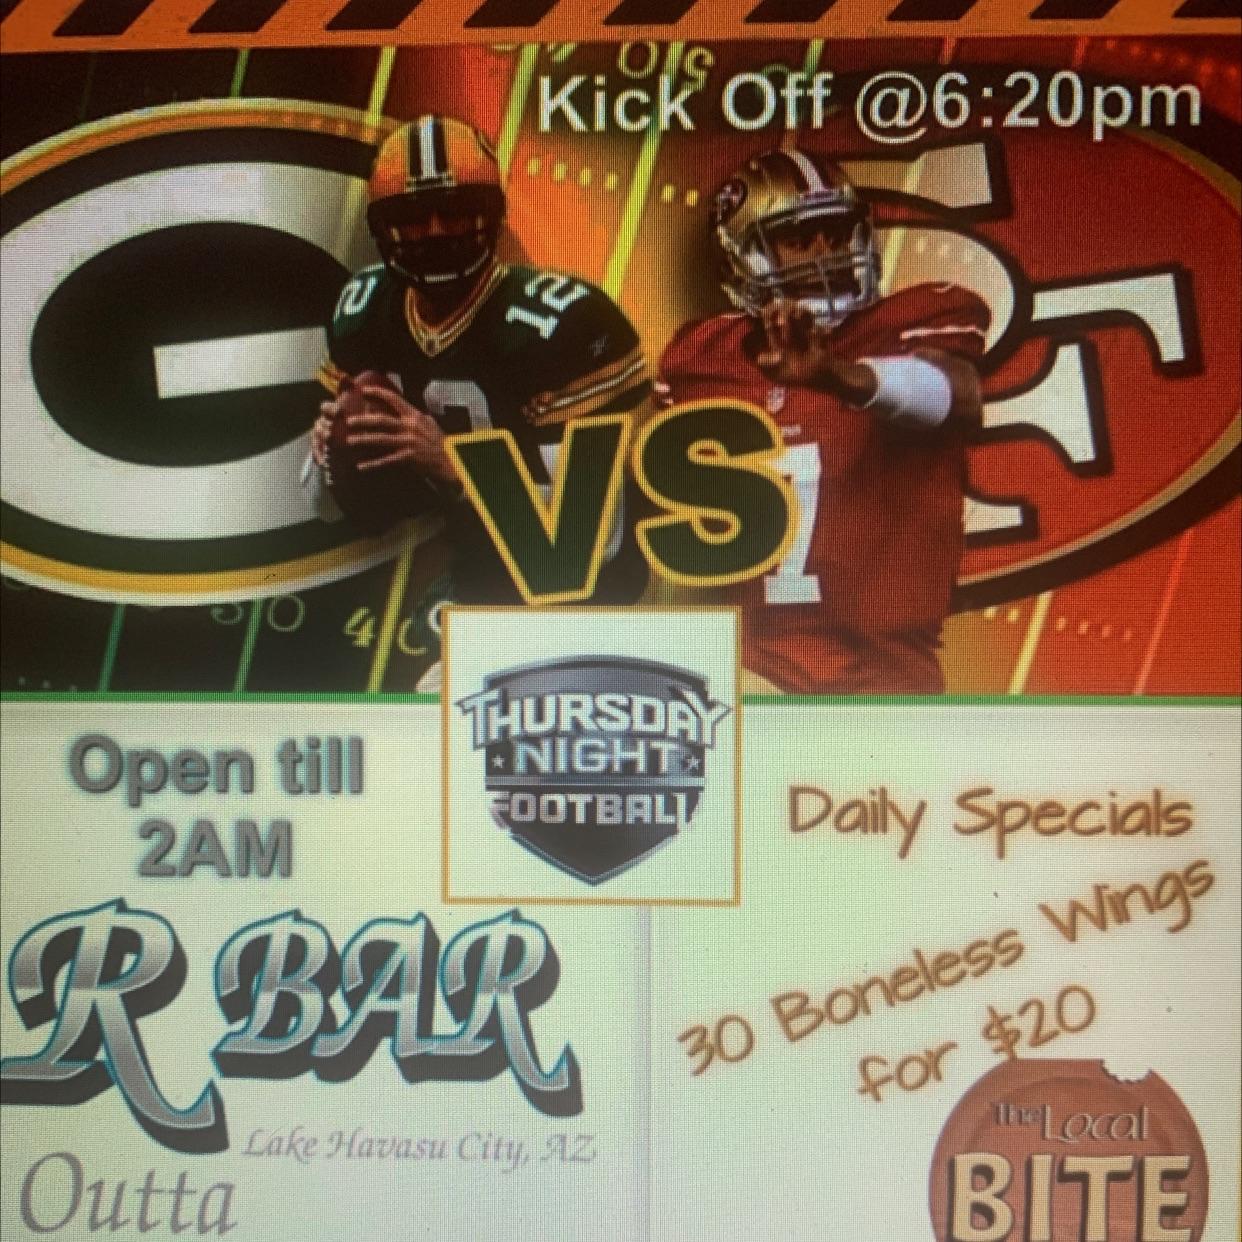 Thursday Night Football Specials!!!